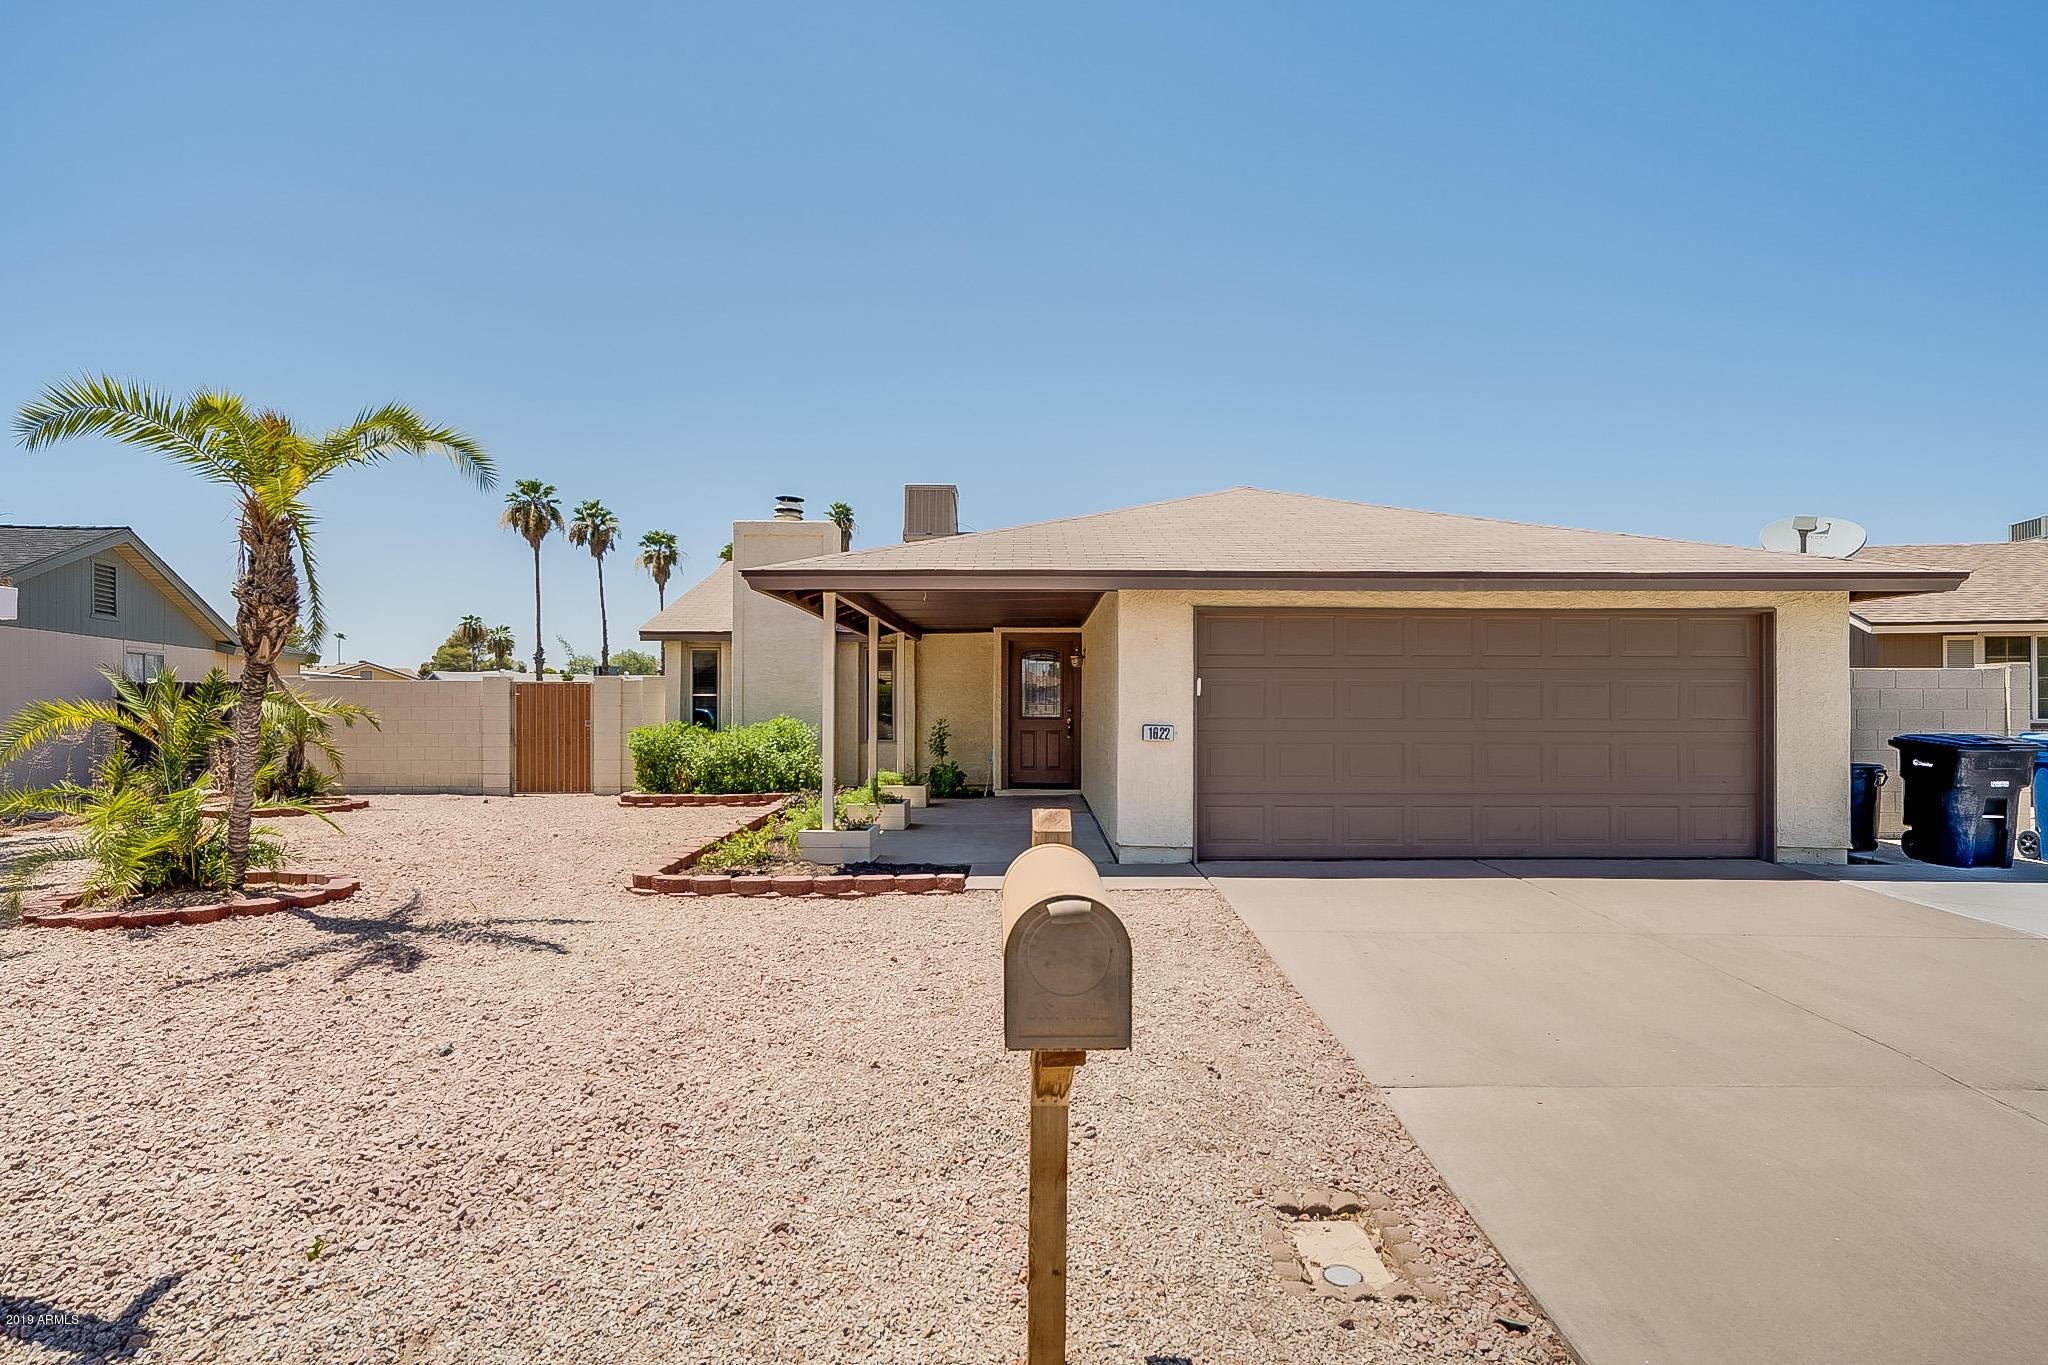 MLS 5953731 1622 W BOISE Place, Chandler, AZ 85224 Chandler AZ Private Pool